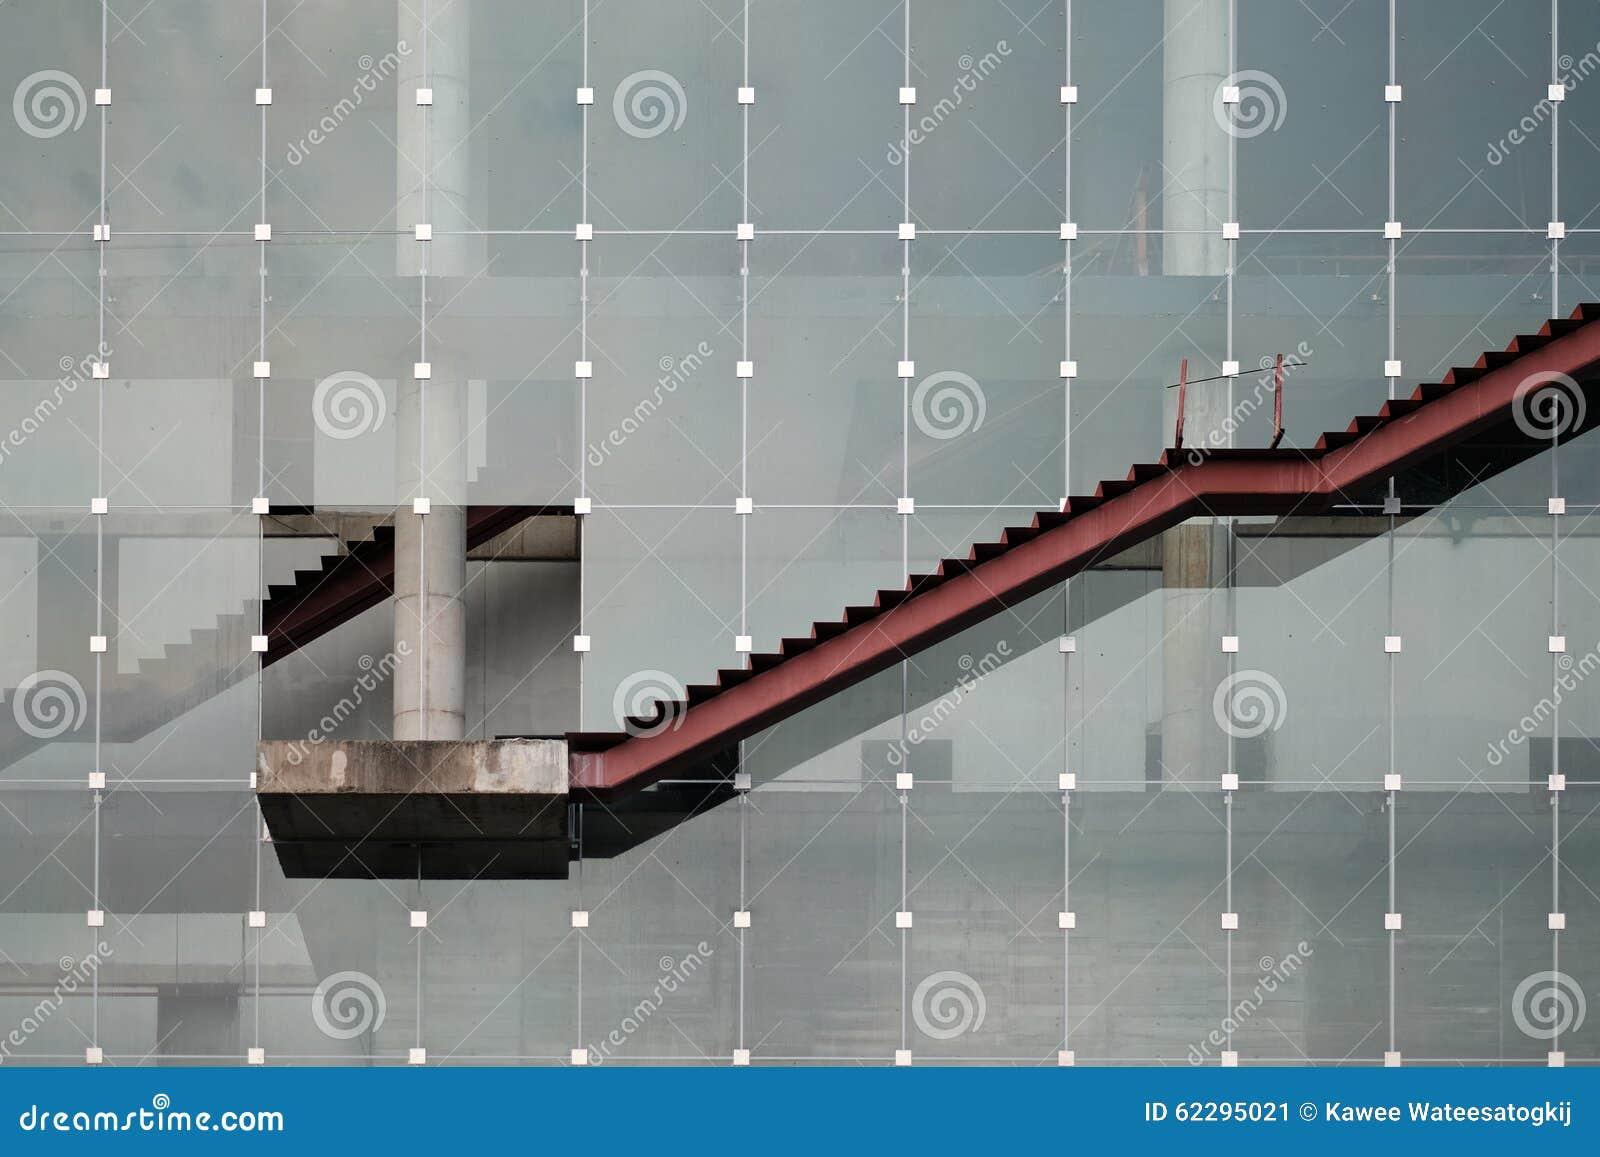 Une échelle extérieure, démontrant également graphe linéaire ascendant